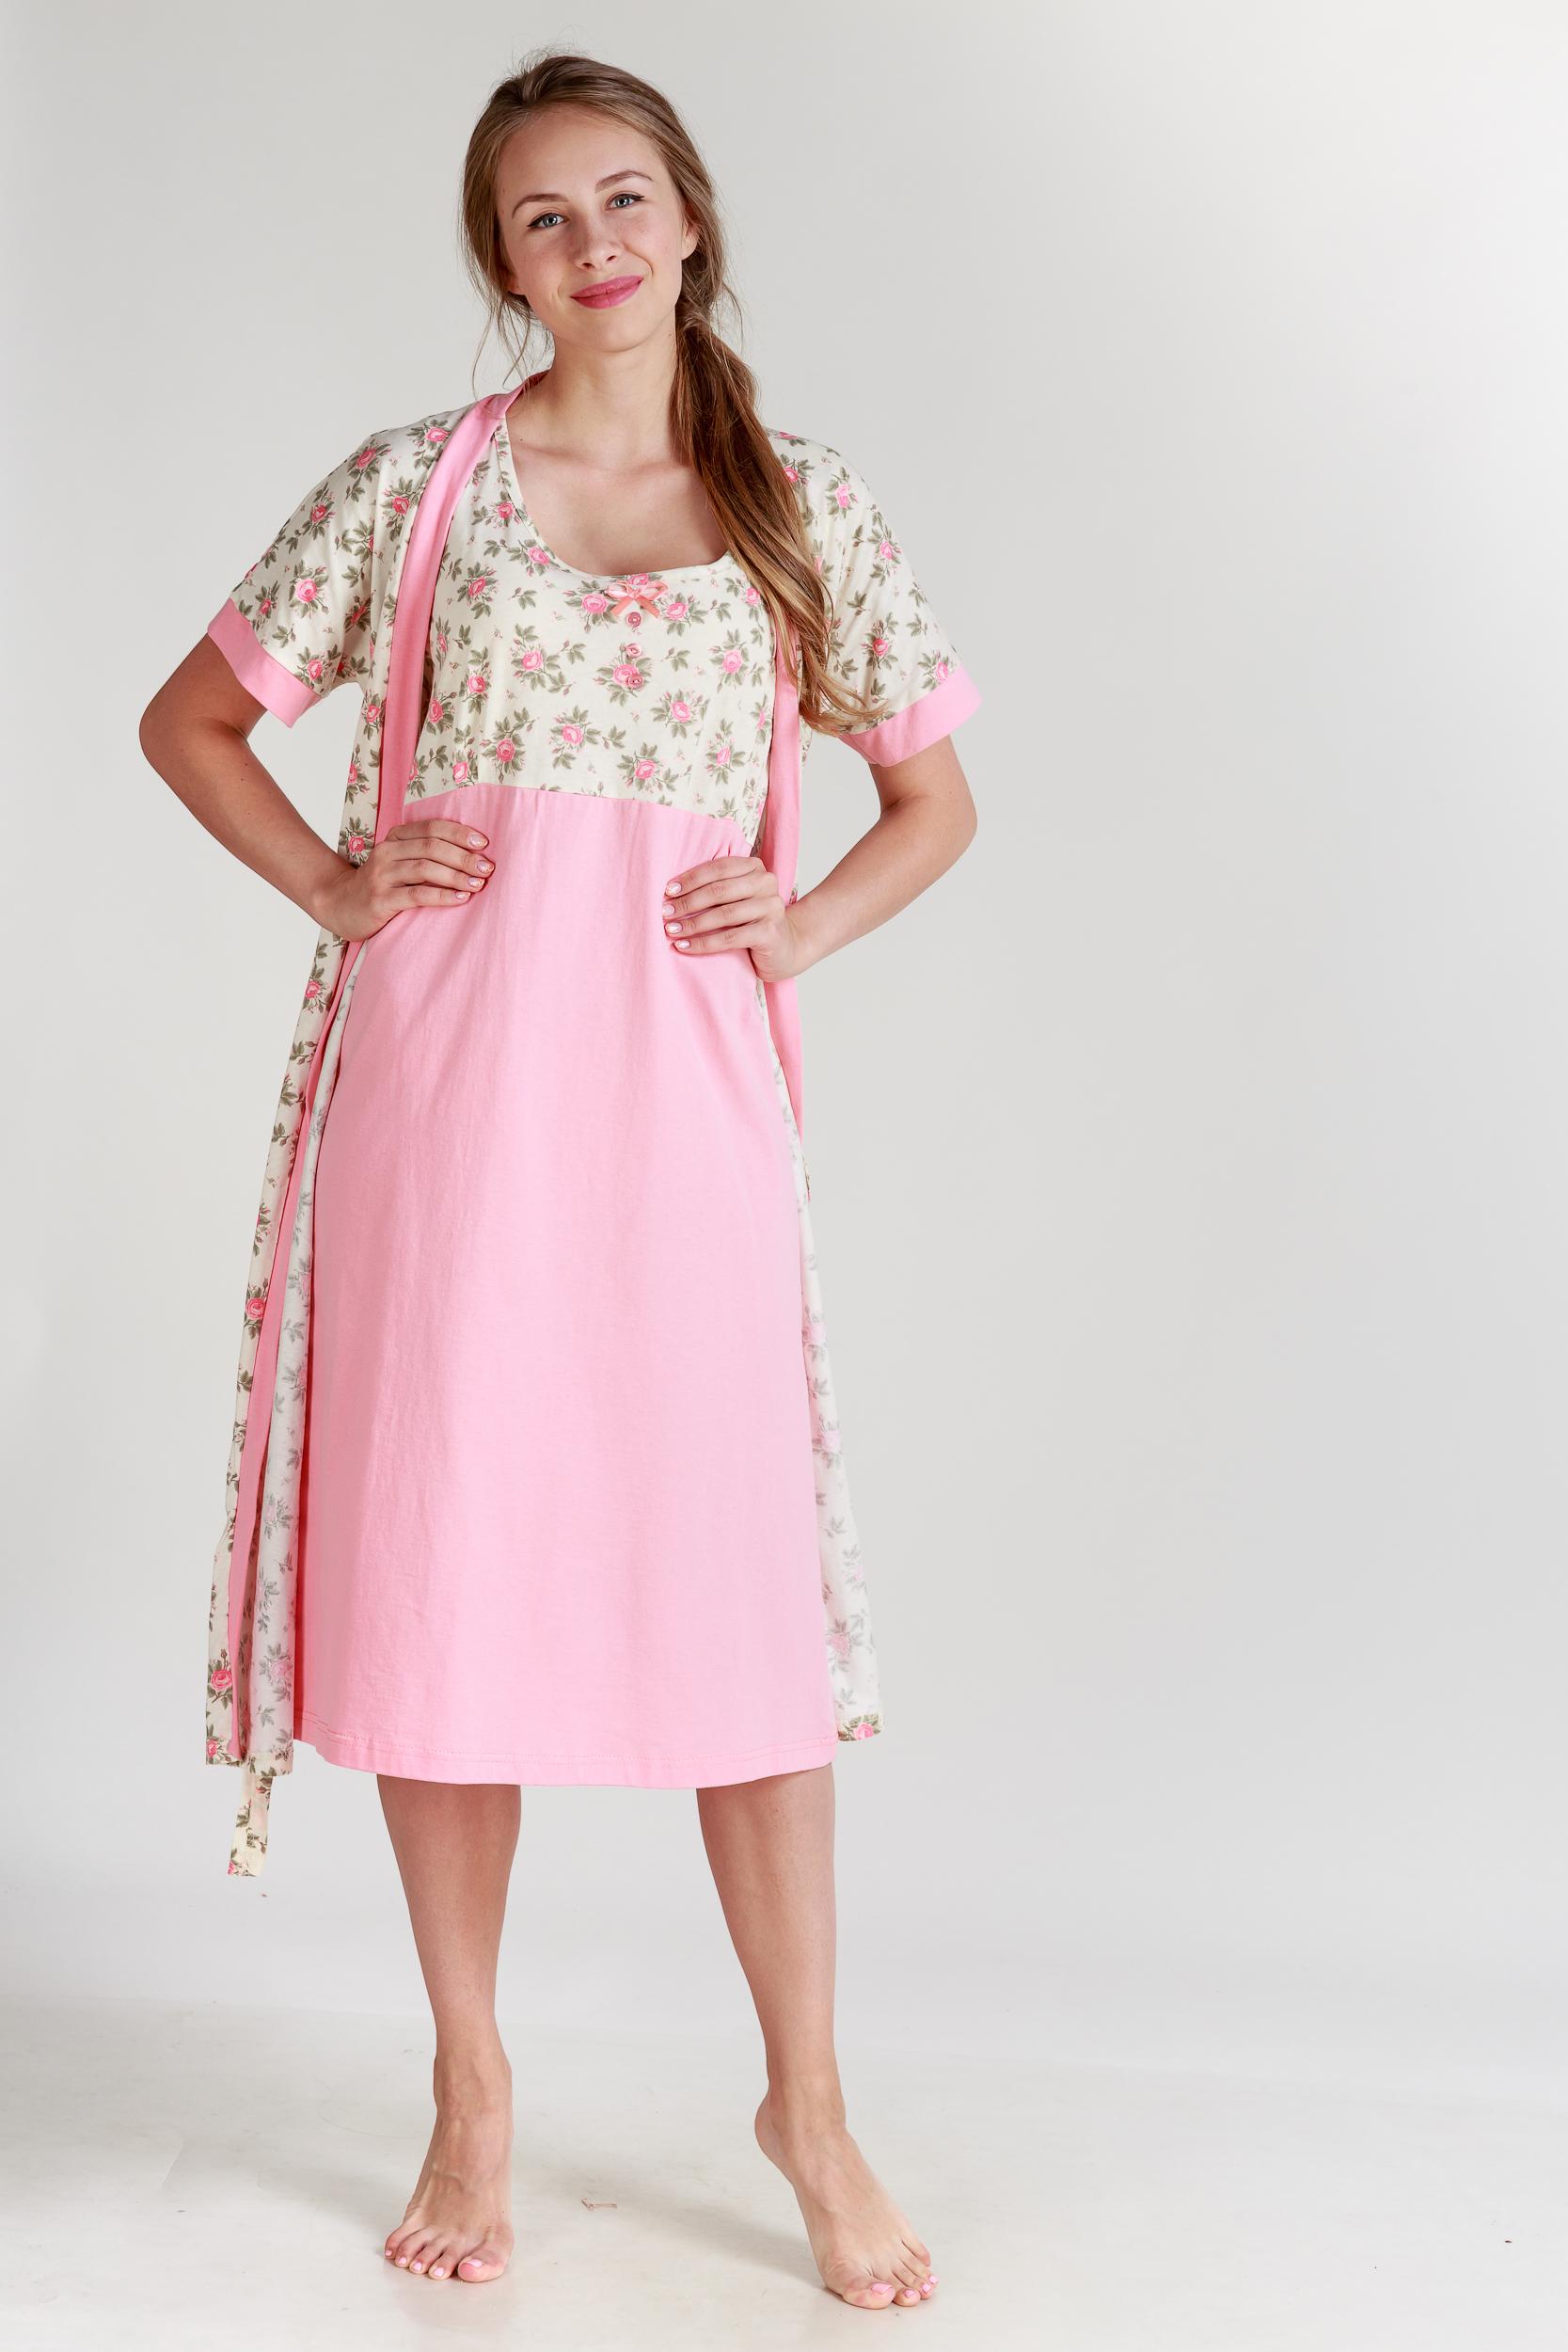 Домашние халаты Pastilla Халат и сорочка Ваниль Цвет: Коралловый (xL-xxL) alena alenkina комплект халат сорочка